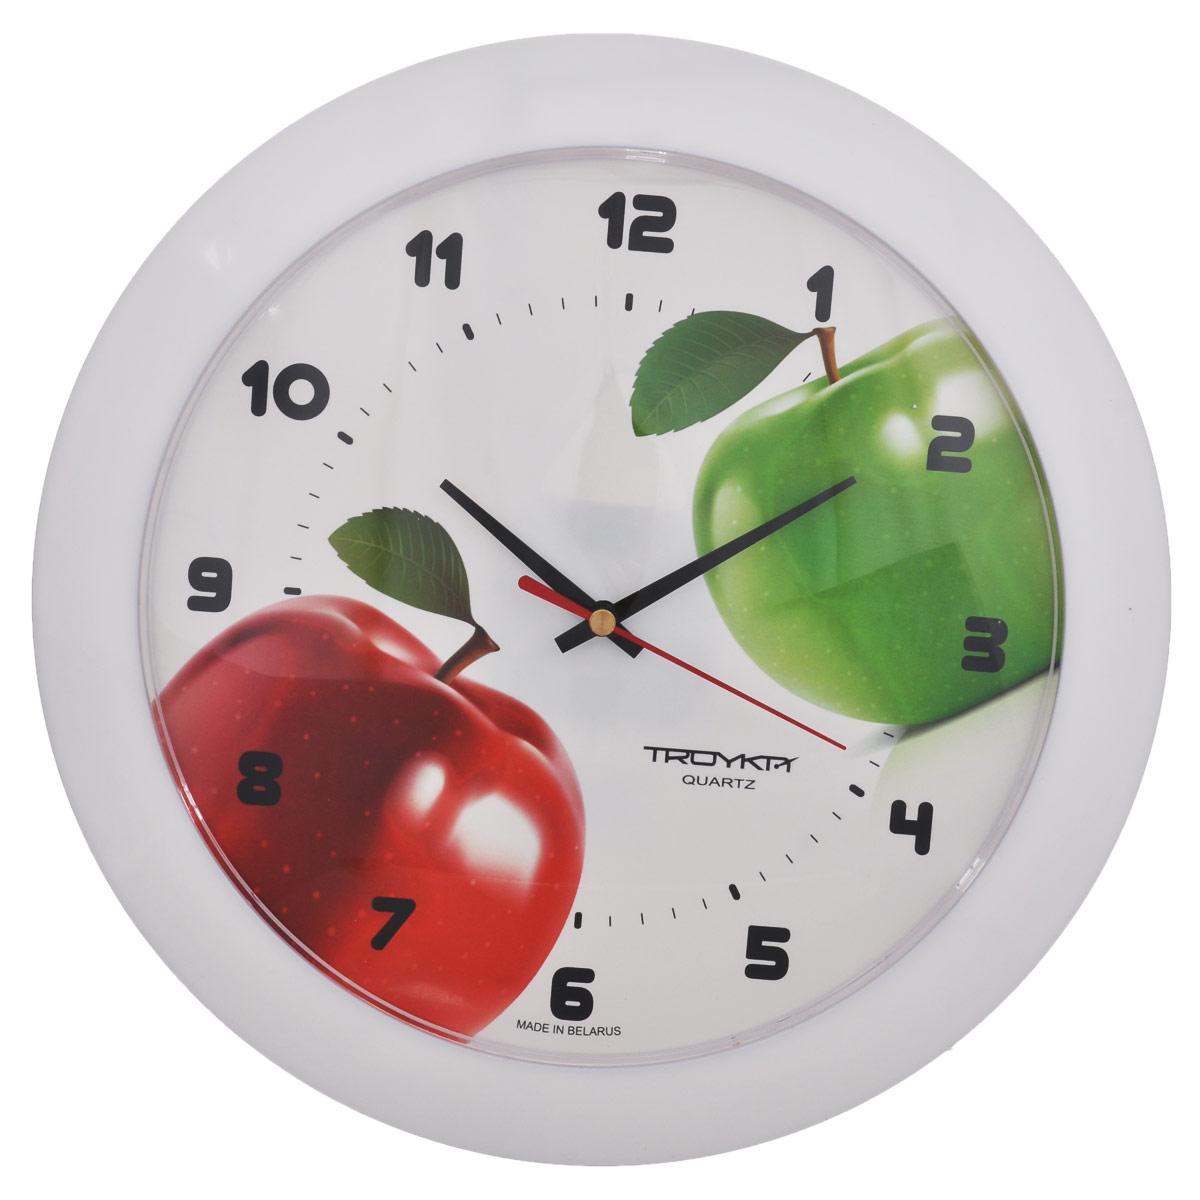 Часы настенные Troyka Яблоки, цвет: белый, красный, зеленый. 5151053351510533Настенные кварцевые часы Troyka Яблоки, изготовленные из пластика, прекрасно подойдут под интерьер вашего дома. Круглые часы имеют три стрелки: часовую, минутную и секундную, циферблат украшен изображением яблок и защищен прозрачным пластиком. Диаметр часов: 30,5 см. Часы работают от 1 батарейки типа АА напряжением 1,5 В (входит в комплект).